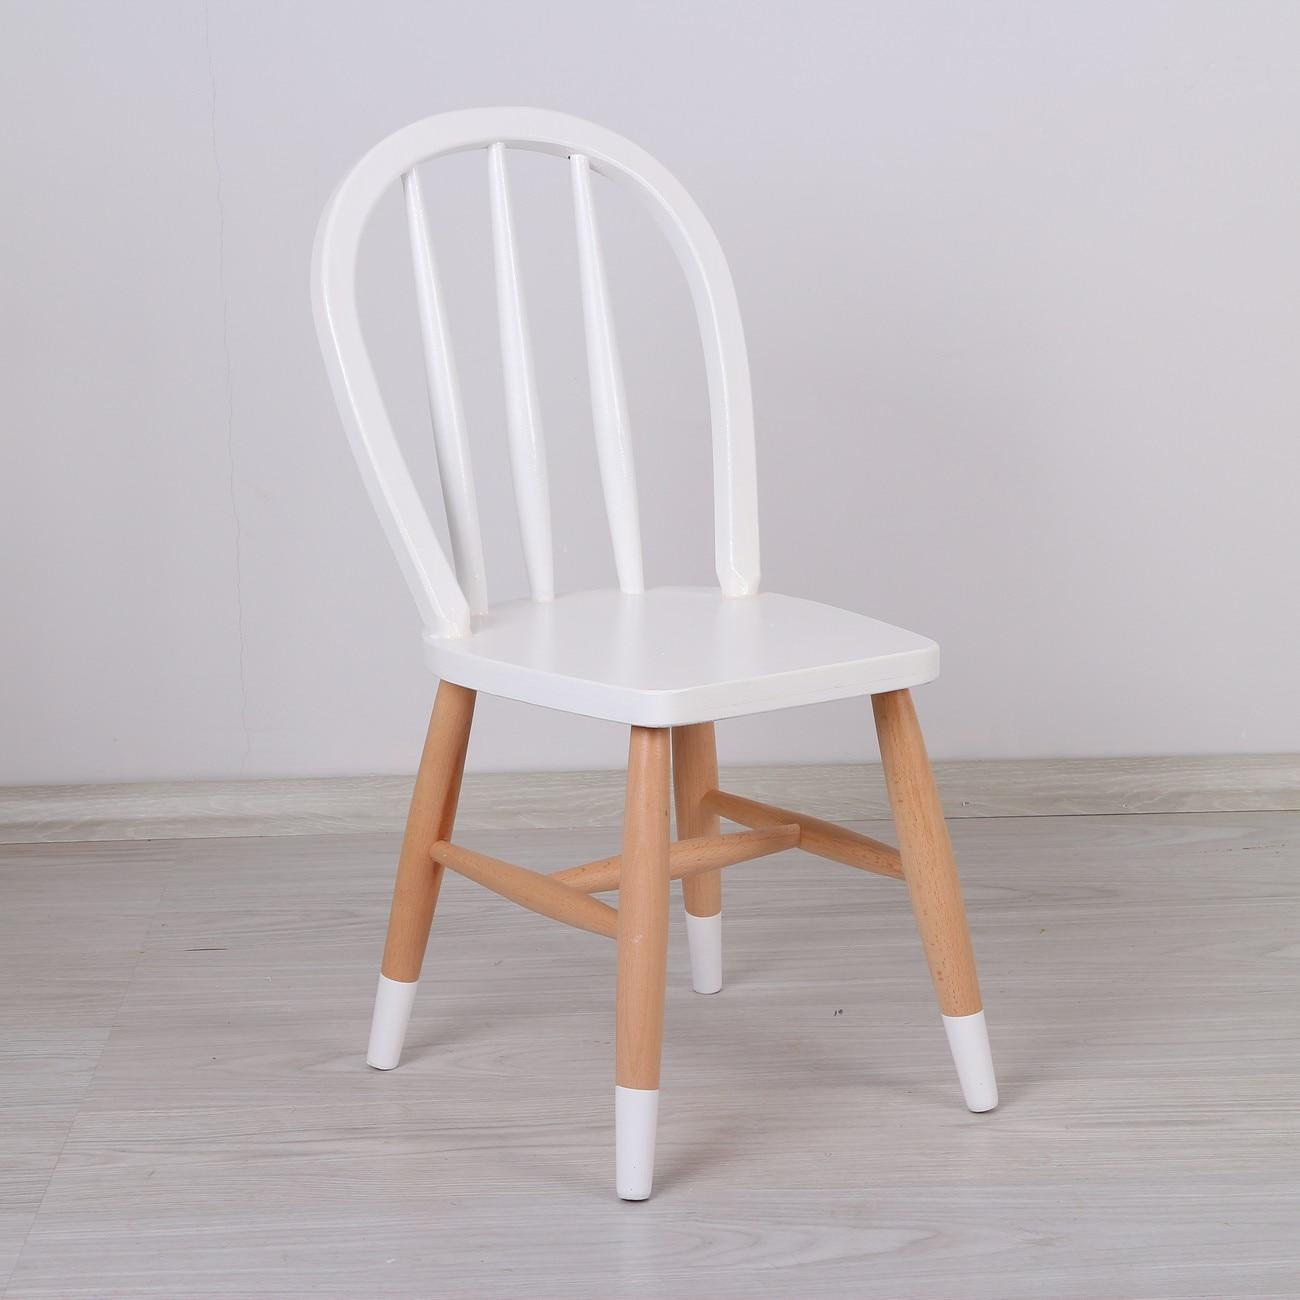 كرسي أطفال من الخشب الحقيقي عالي الجودة قابل للتخصيص-جودة عالية-تصميم مسجل لا يهزم